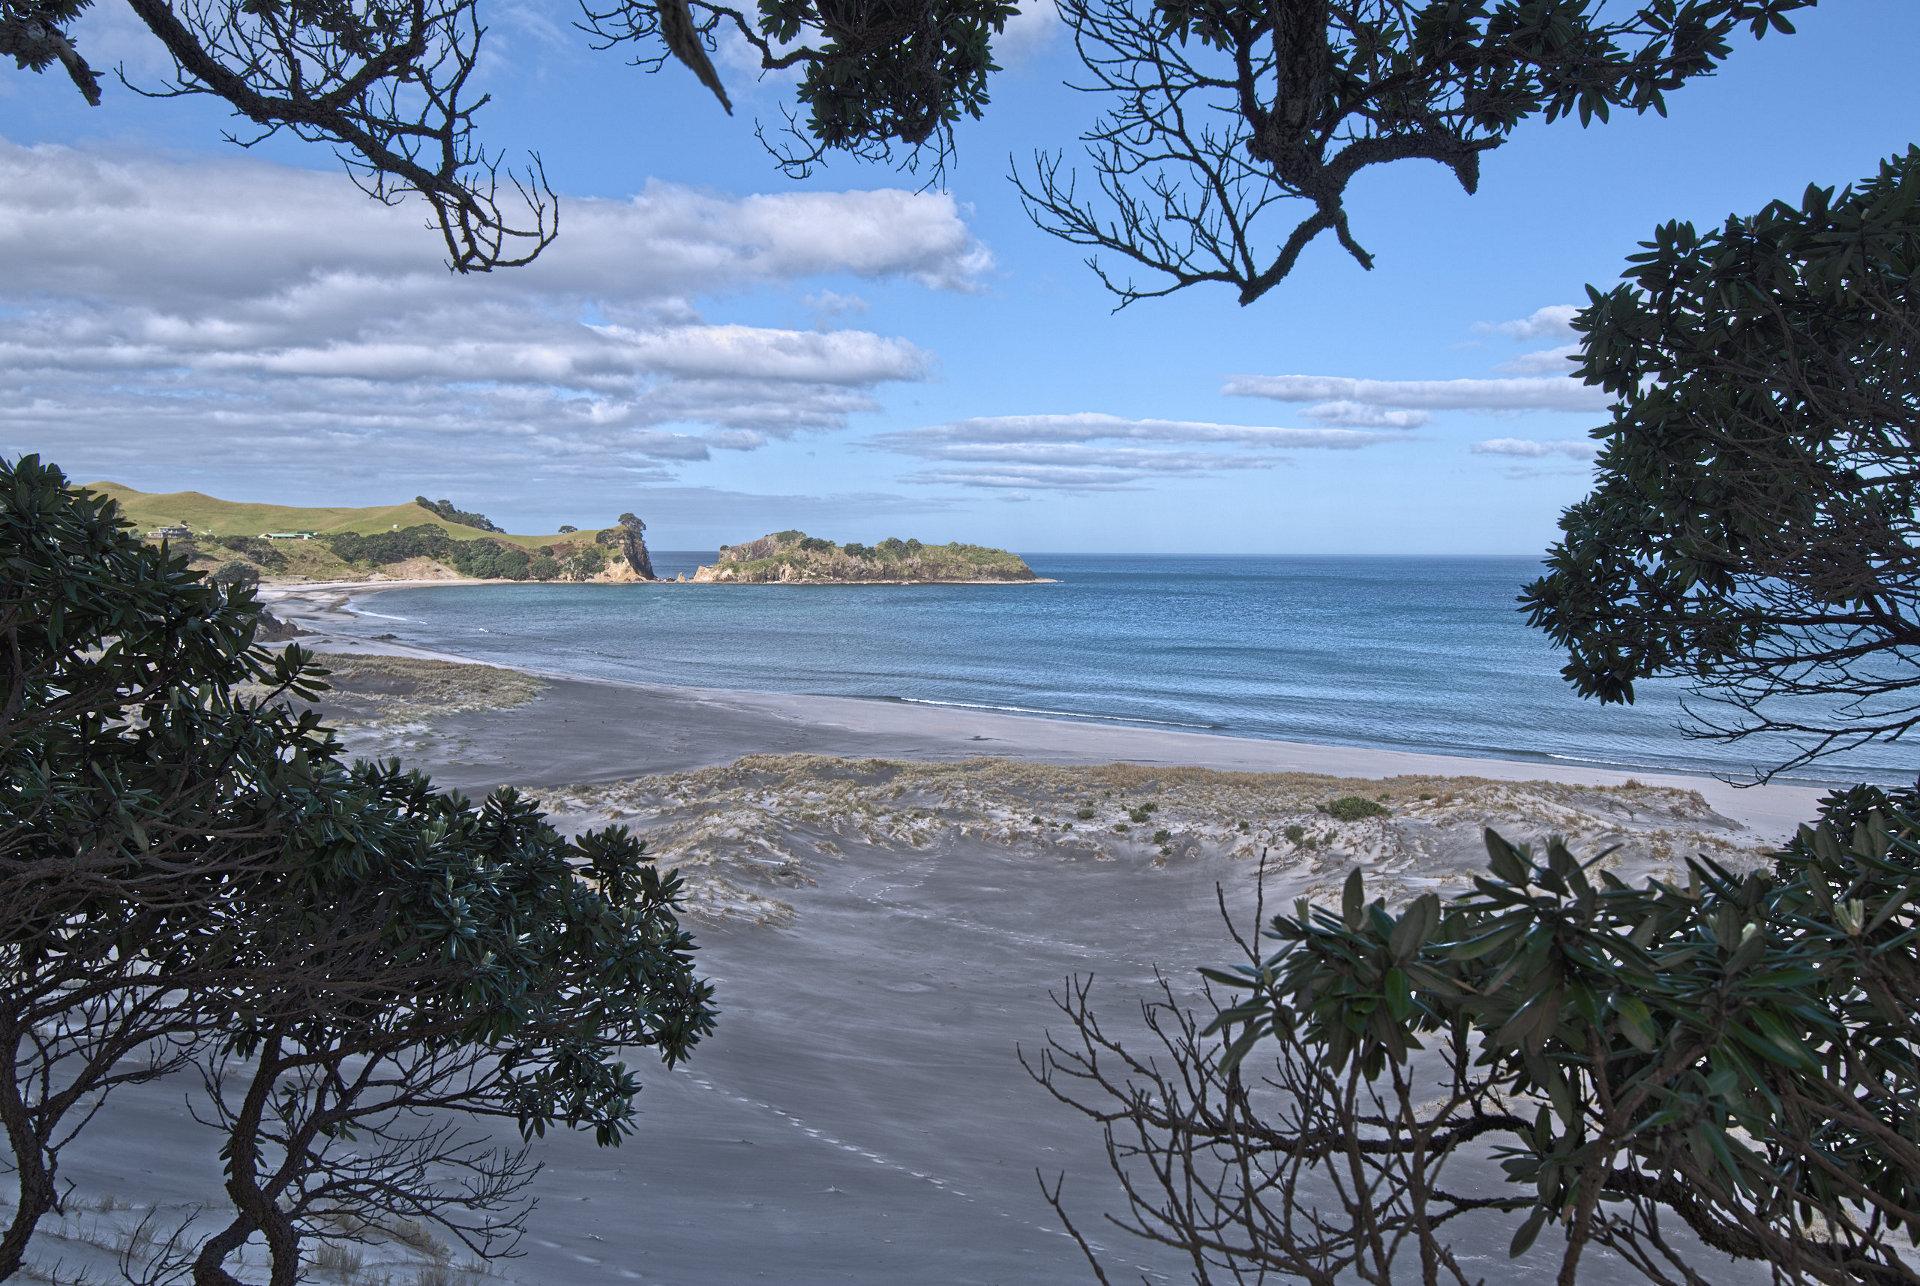 Palmer's Beach